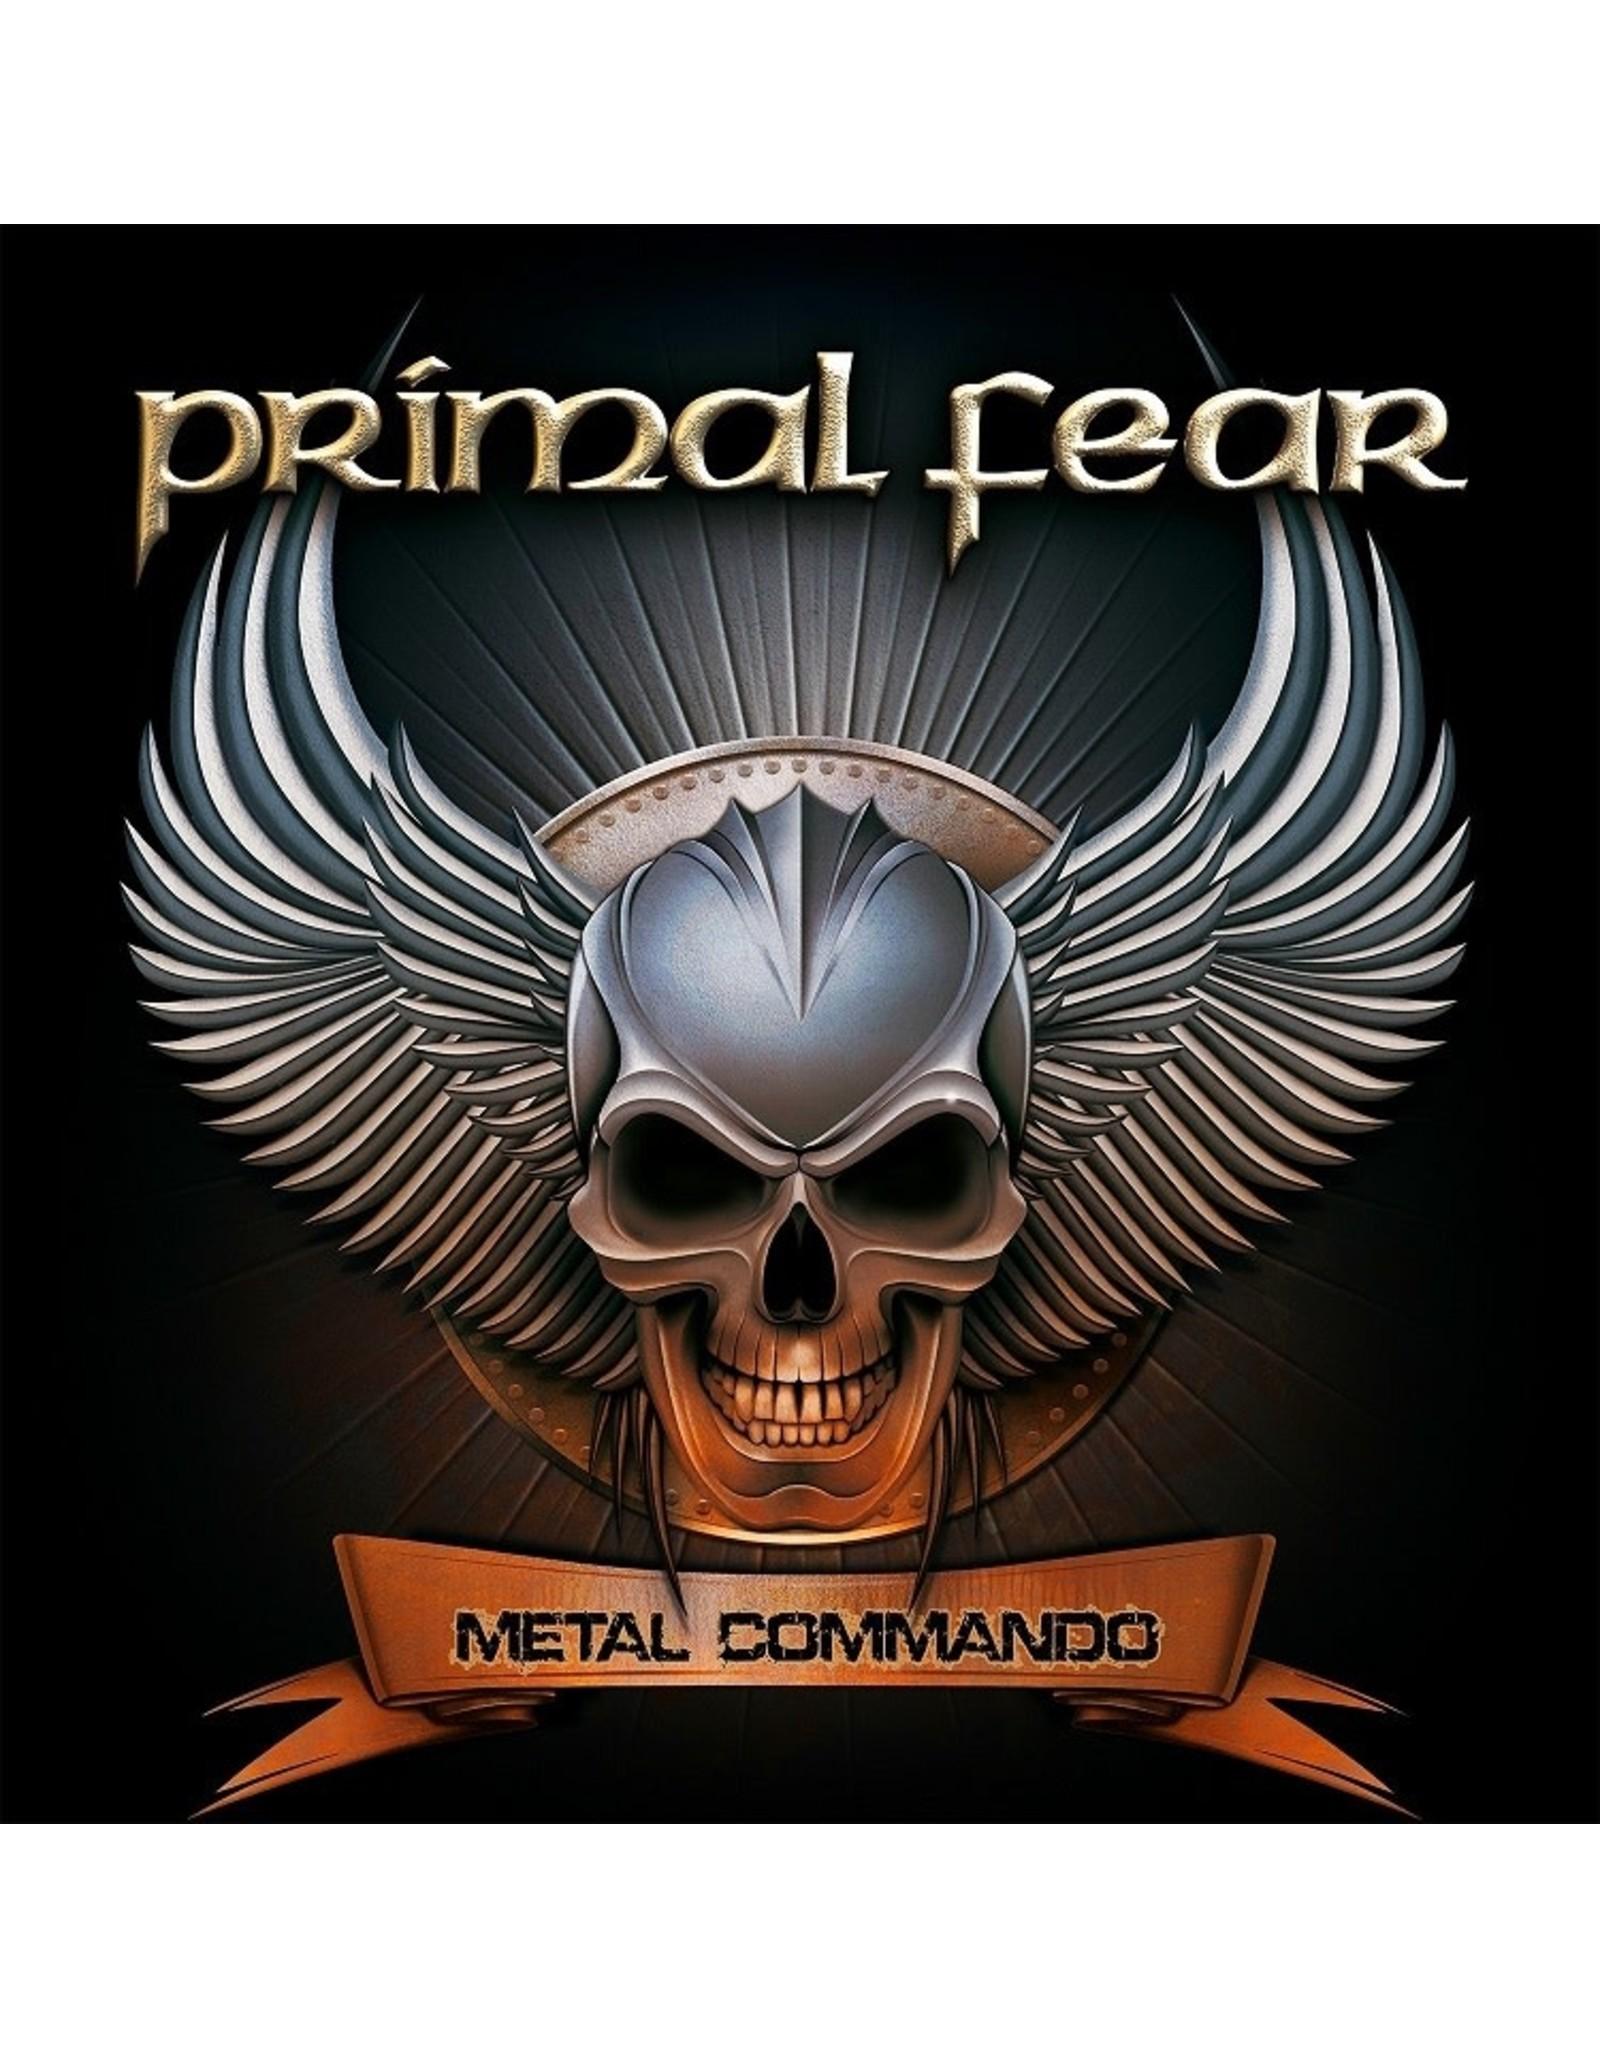 Primal Fear - Metal Commando CD